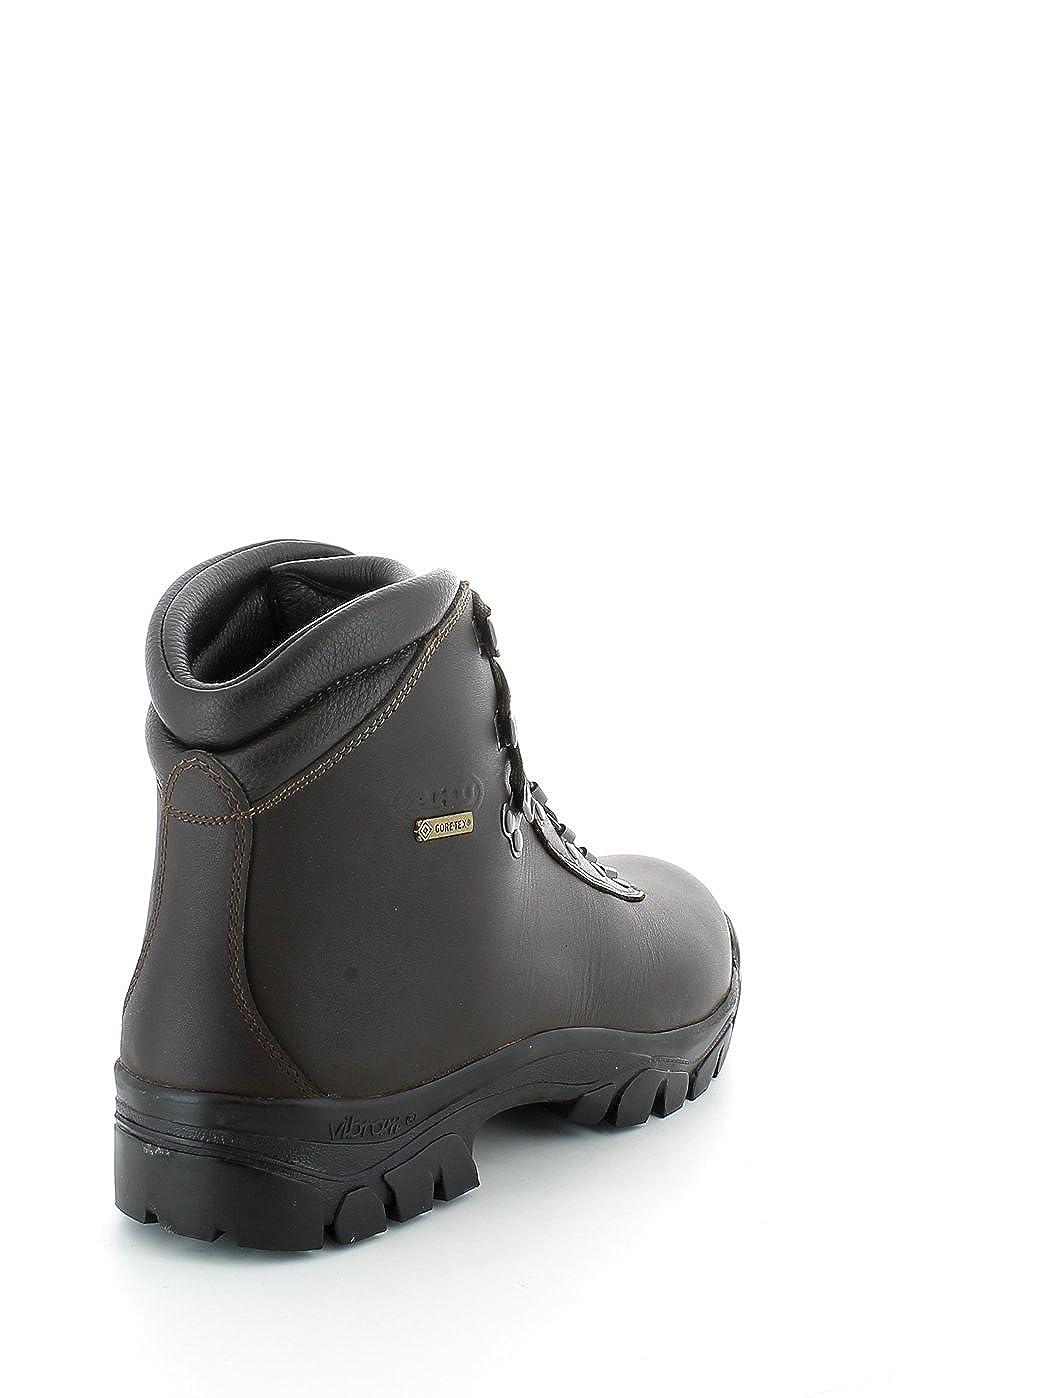 AKU Alpen Alpen Alpen Gtx Goretex Jagd Herren Schuhe f6349c